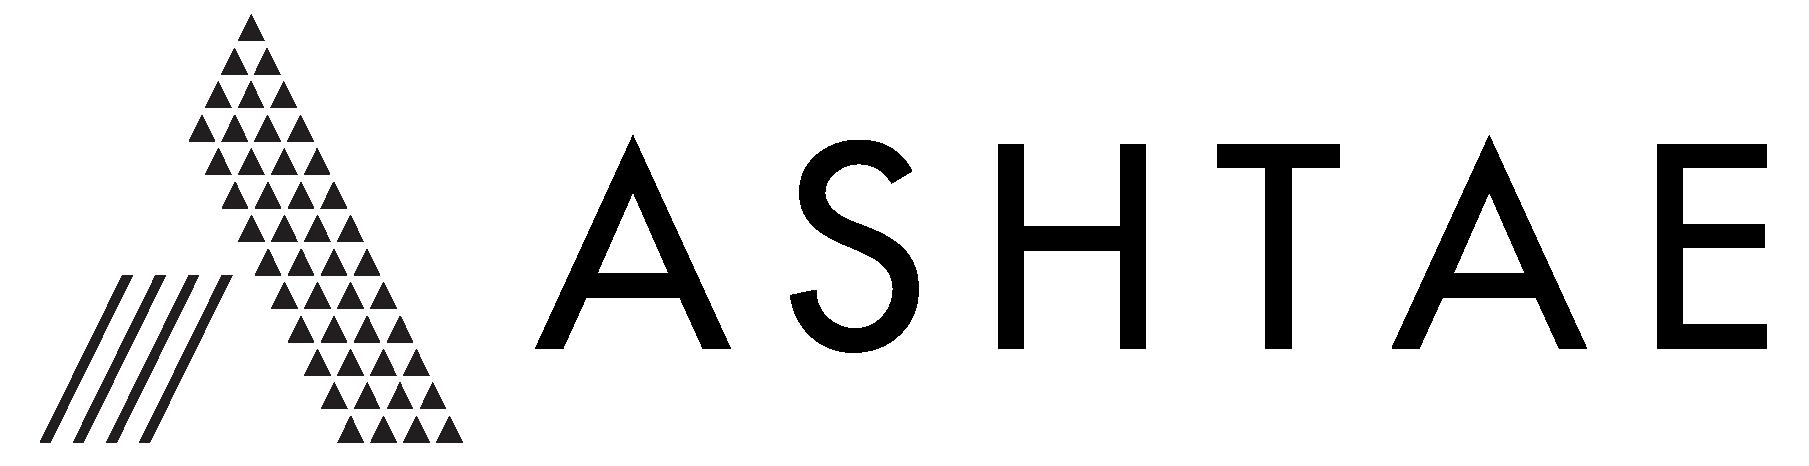 Ashtae Logo Black_Variant 2 (2)